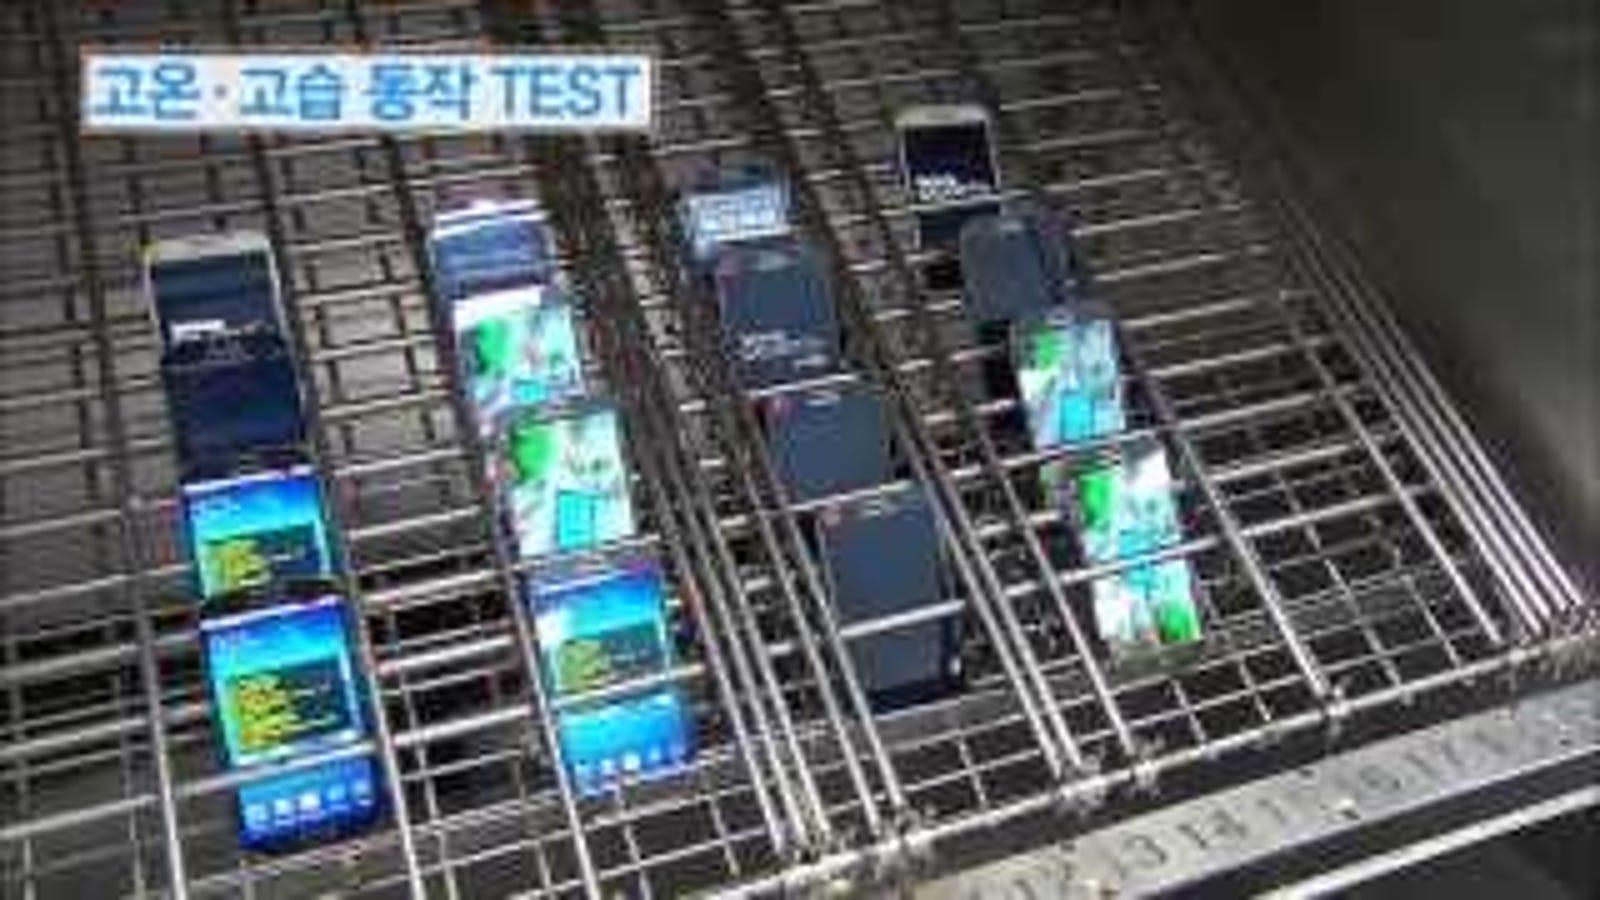 Las pruebas de resistencia por las que pasa el Galaxy S4, en vídeo